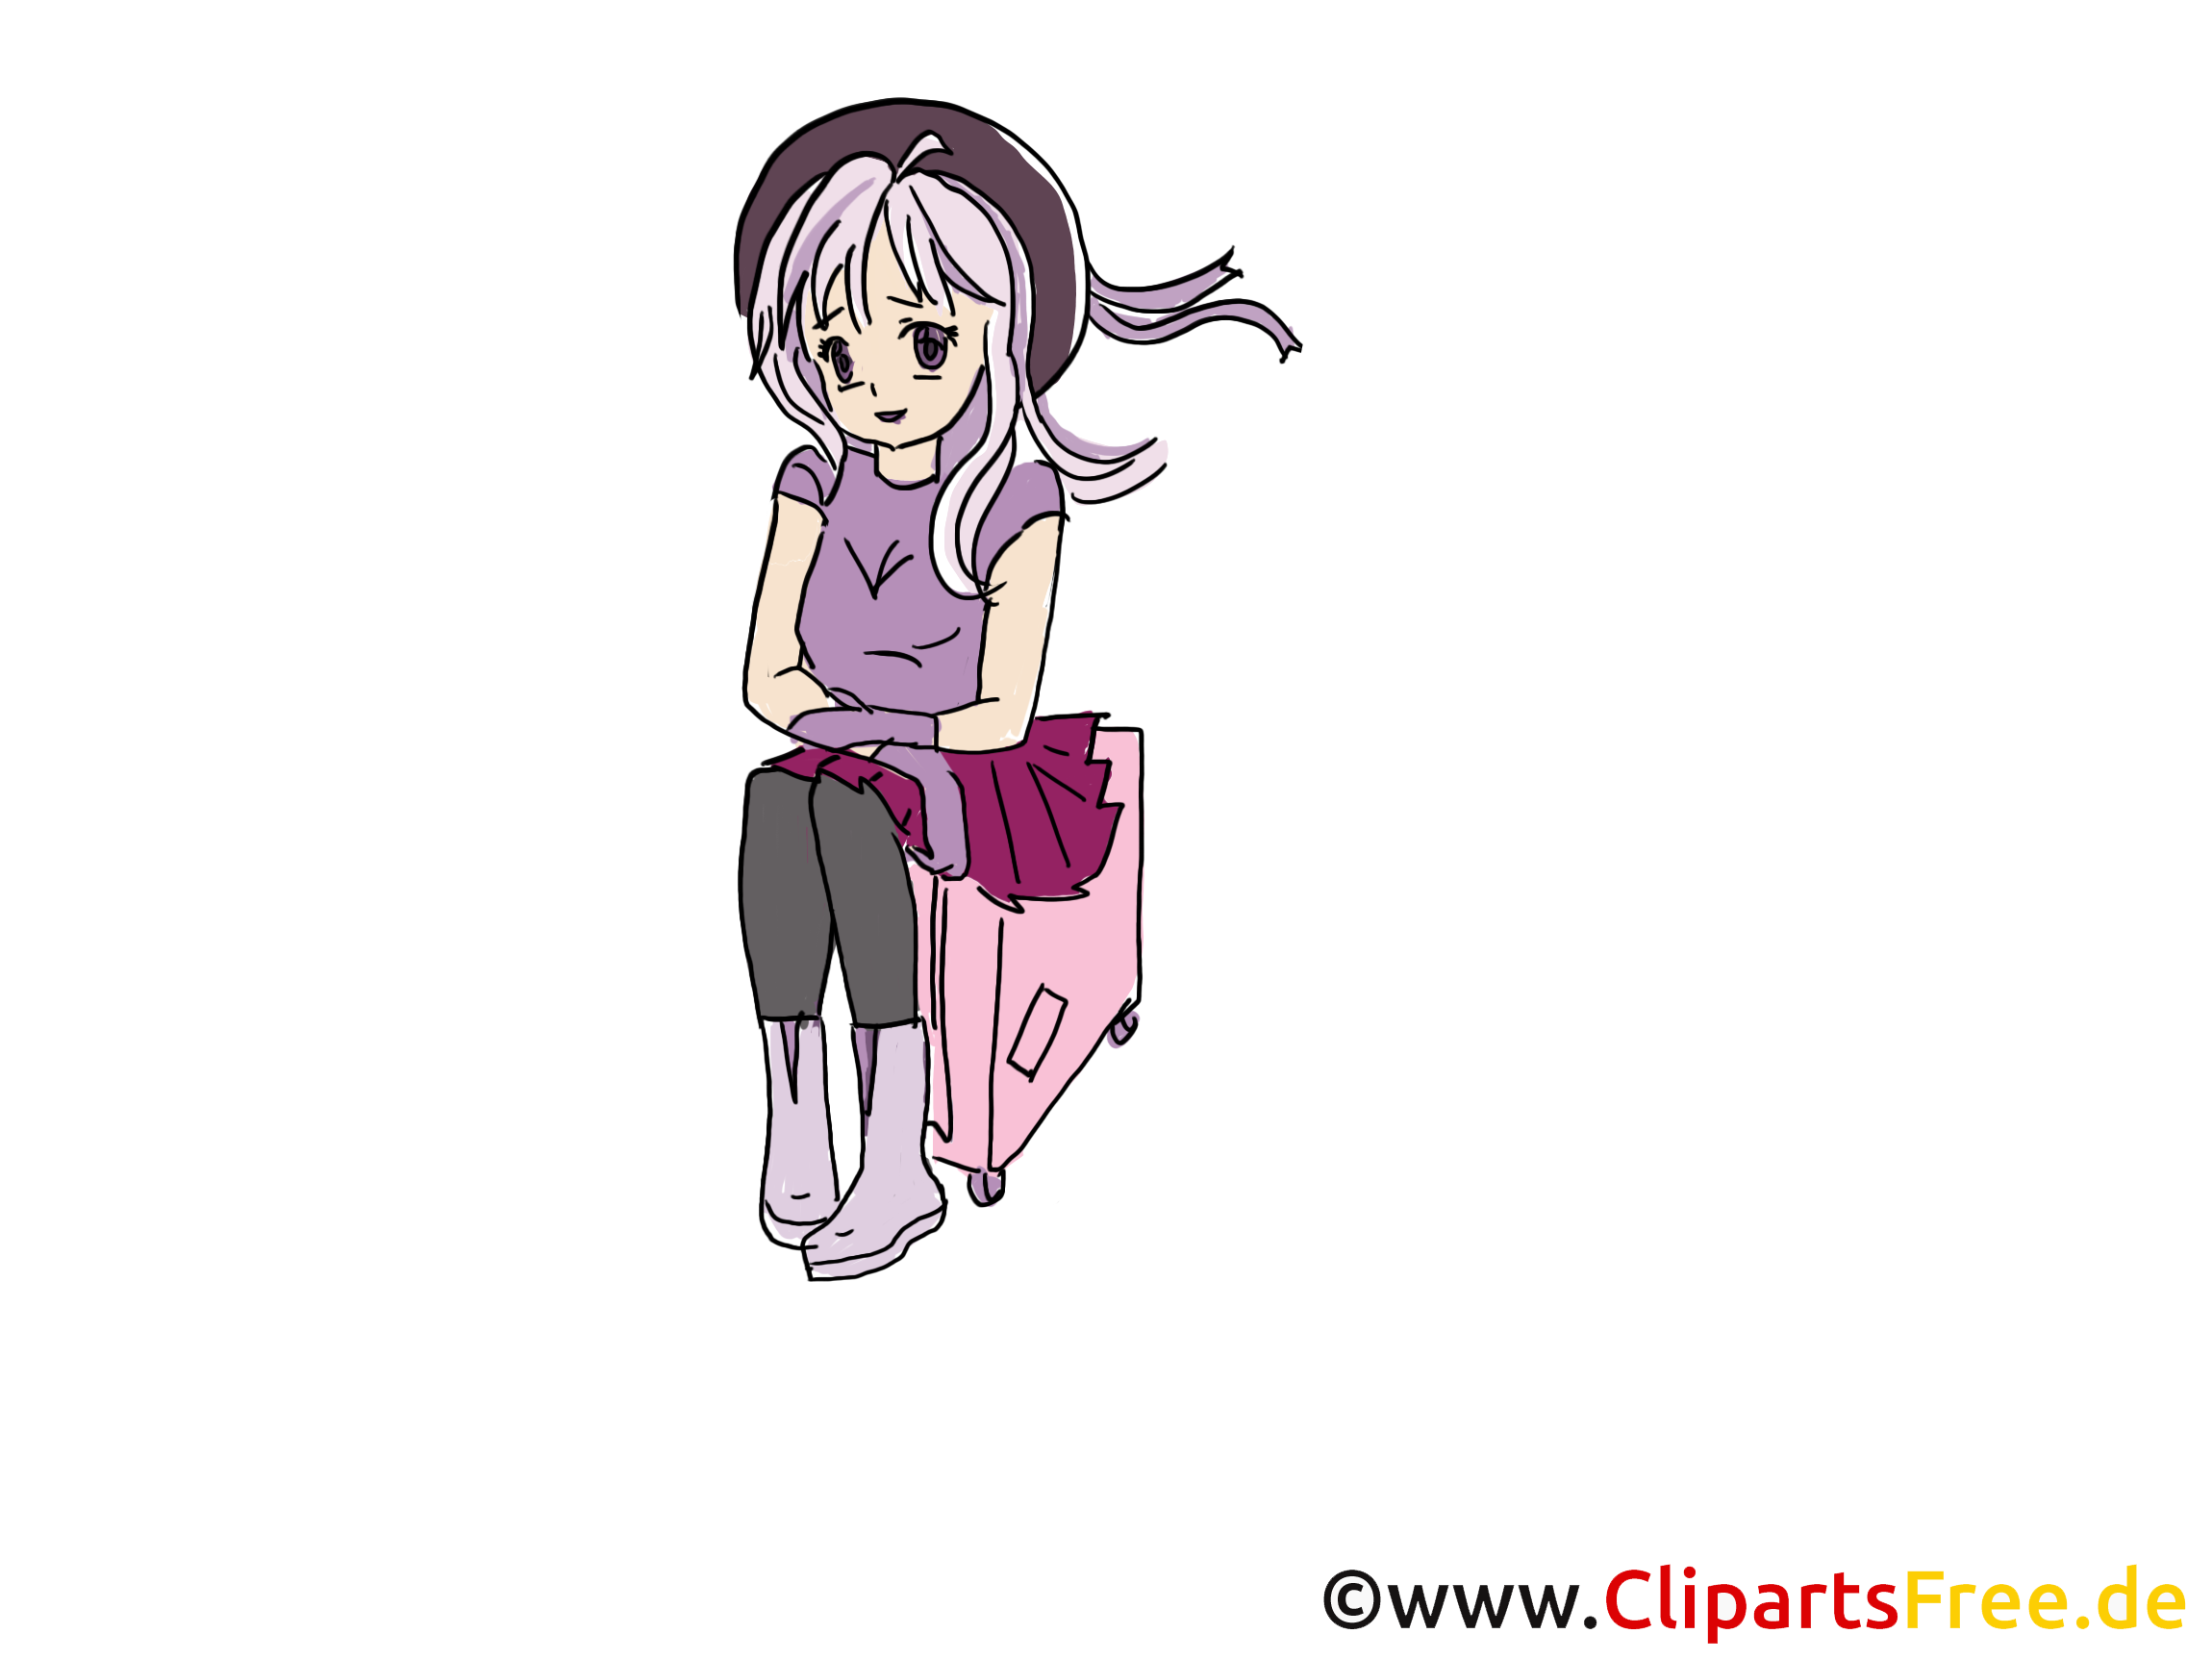 Valise dessin anime cliparts t l charger personnes - Dessin de valise ...